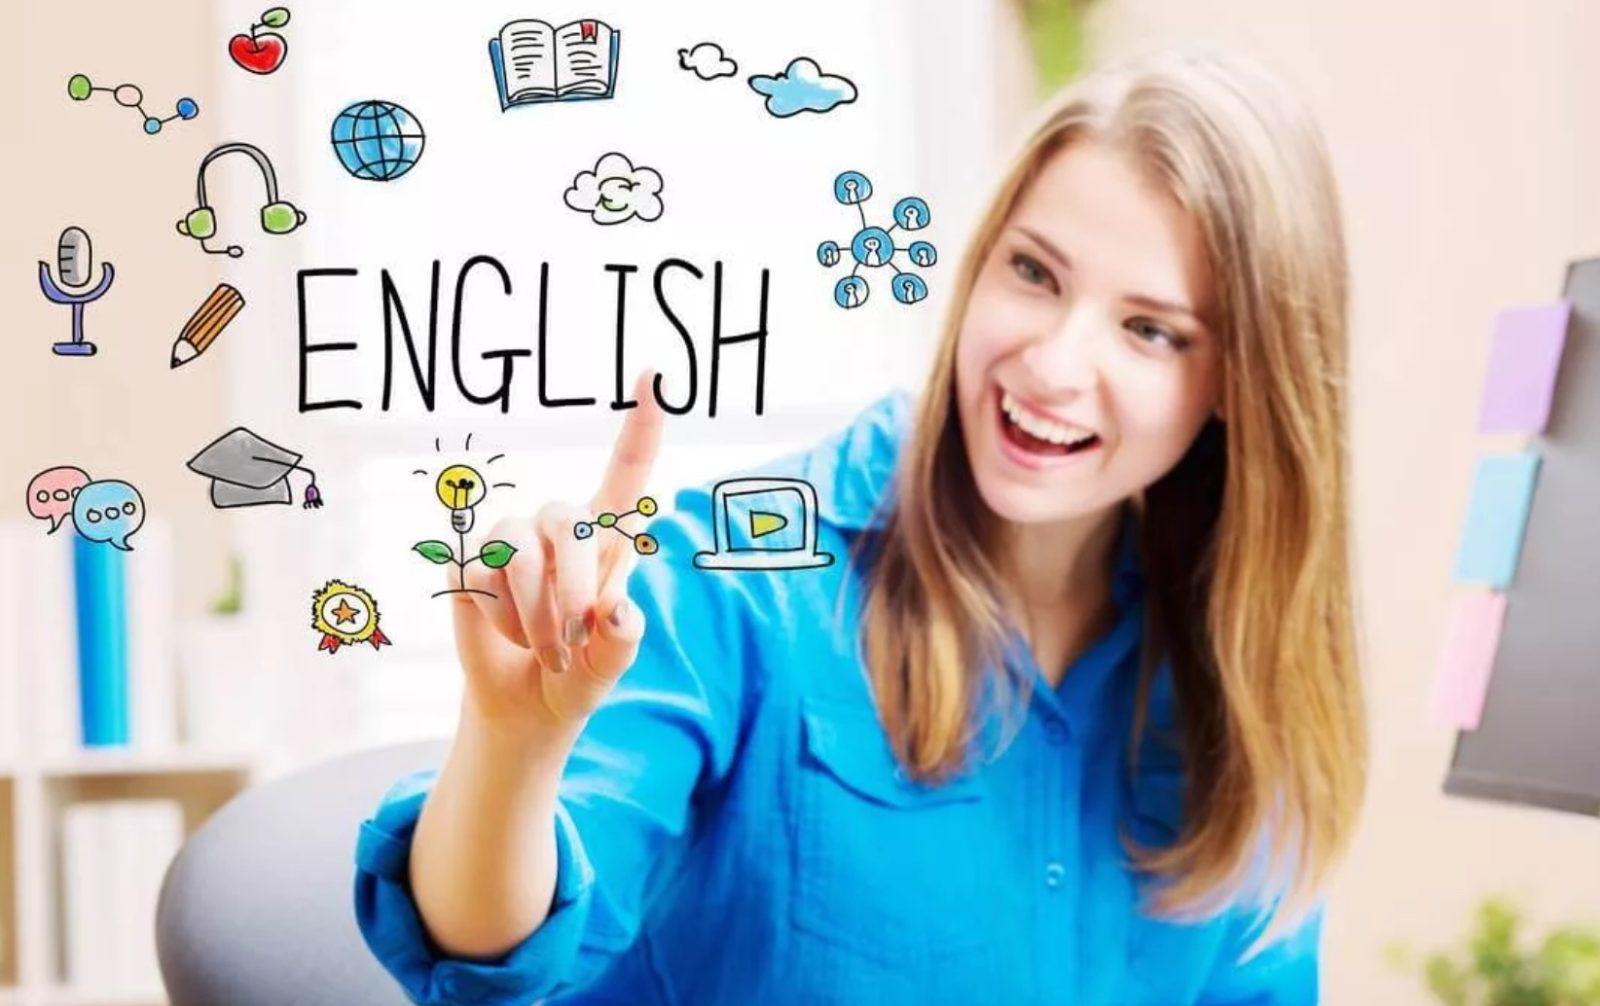 Английский язык - советы успешного освоения